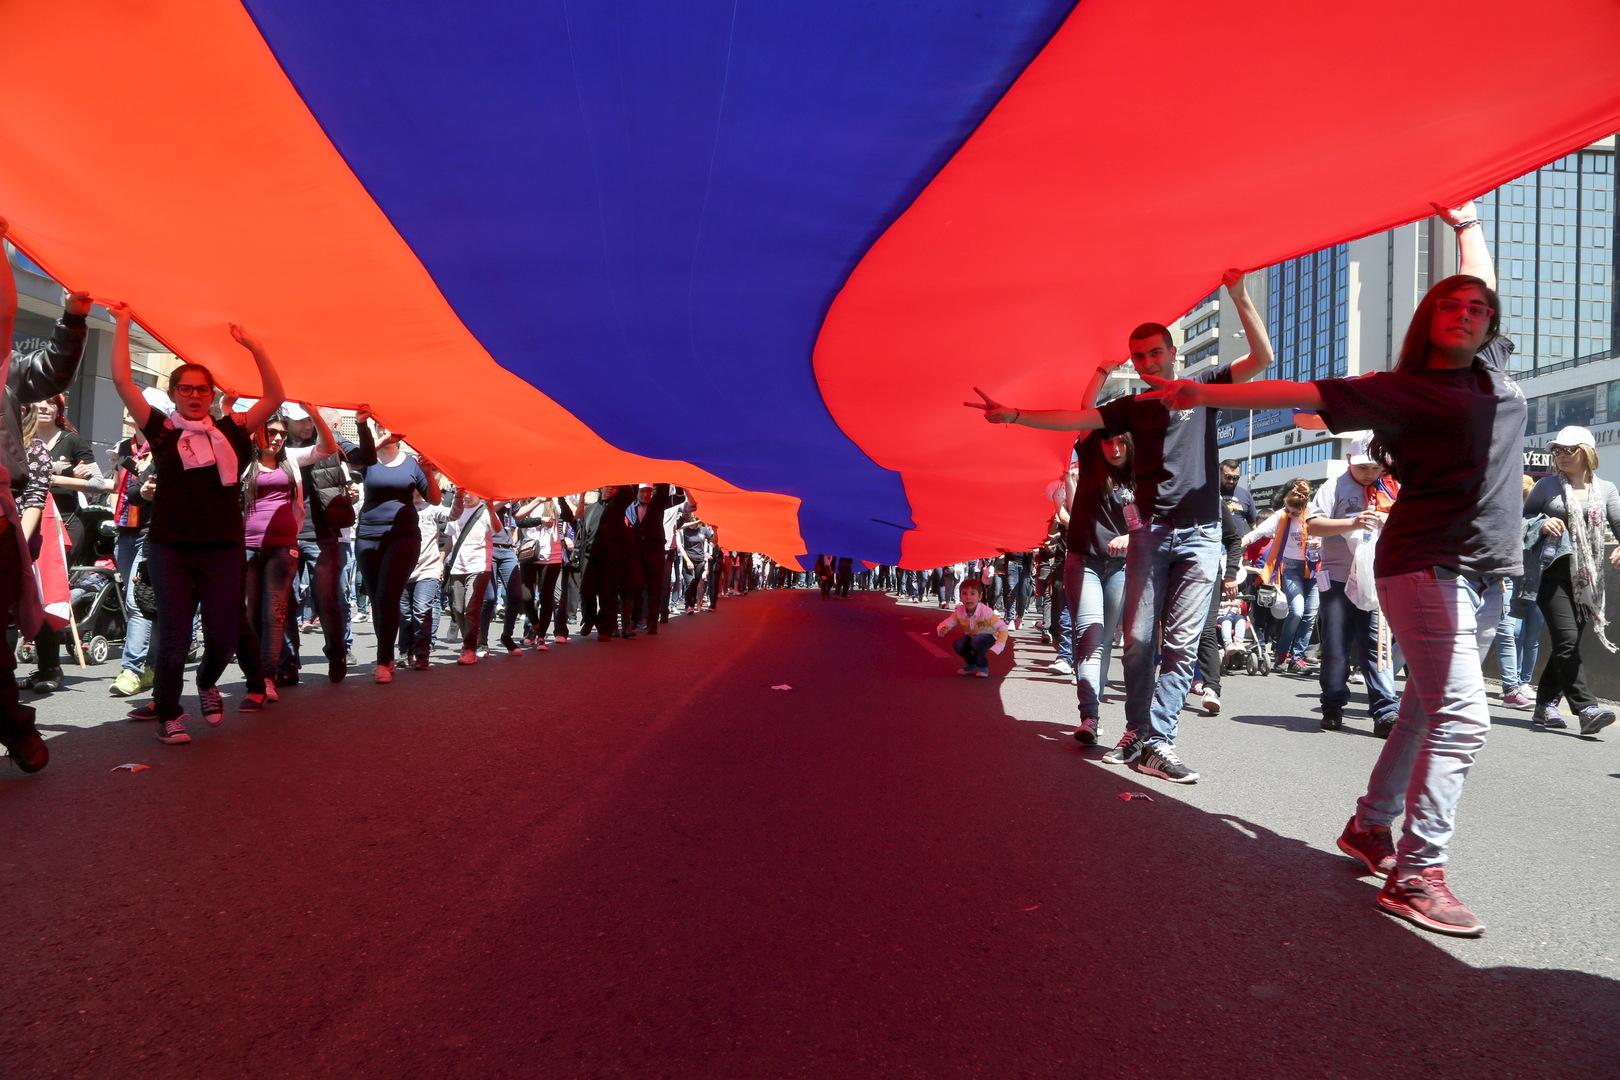 تركيا تدين حرق صور أردوغان والعلم التركي خلال تظاهرة أرمنية في لبنان